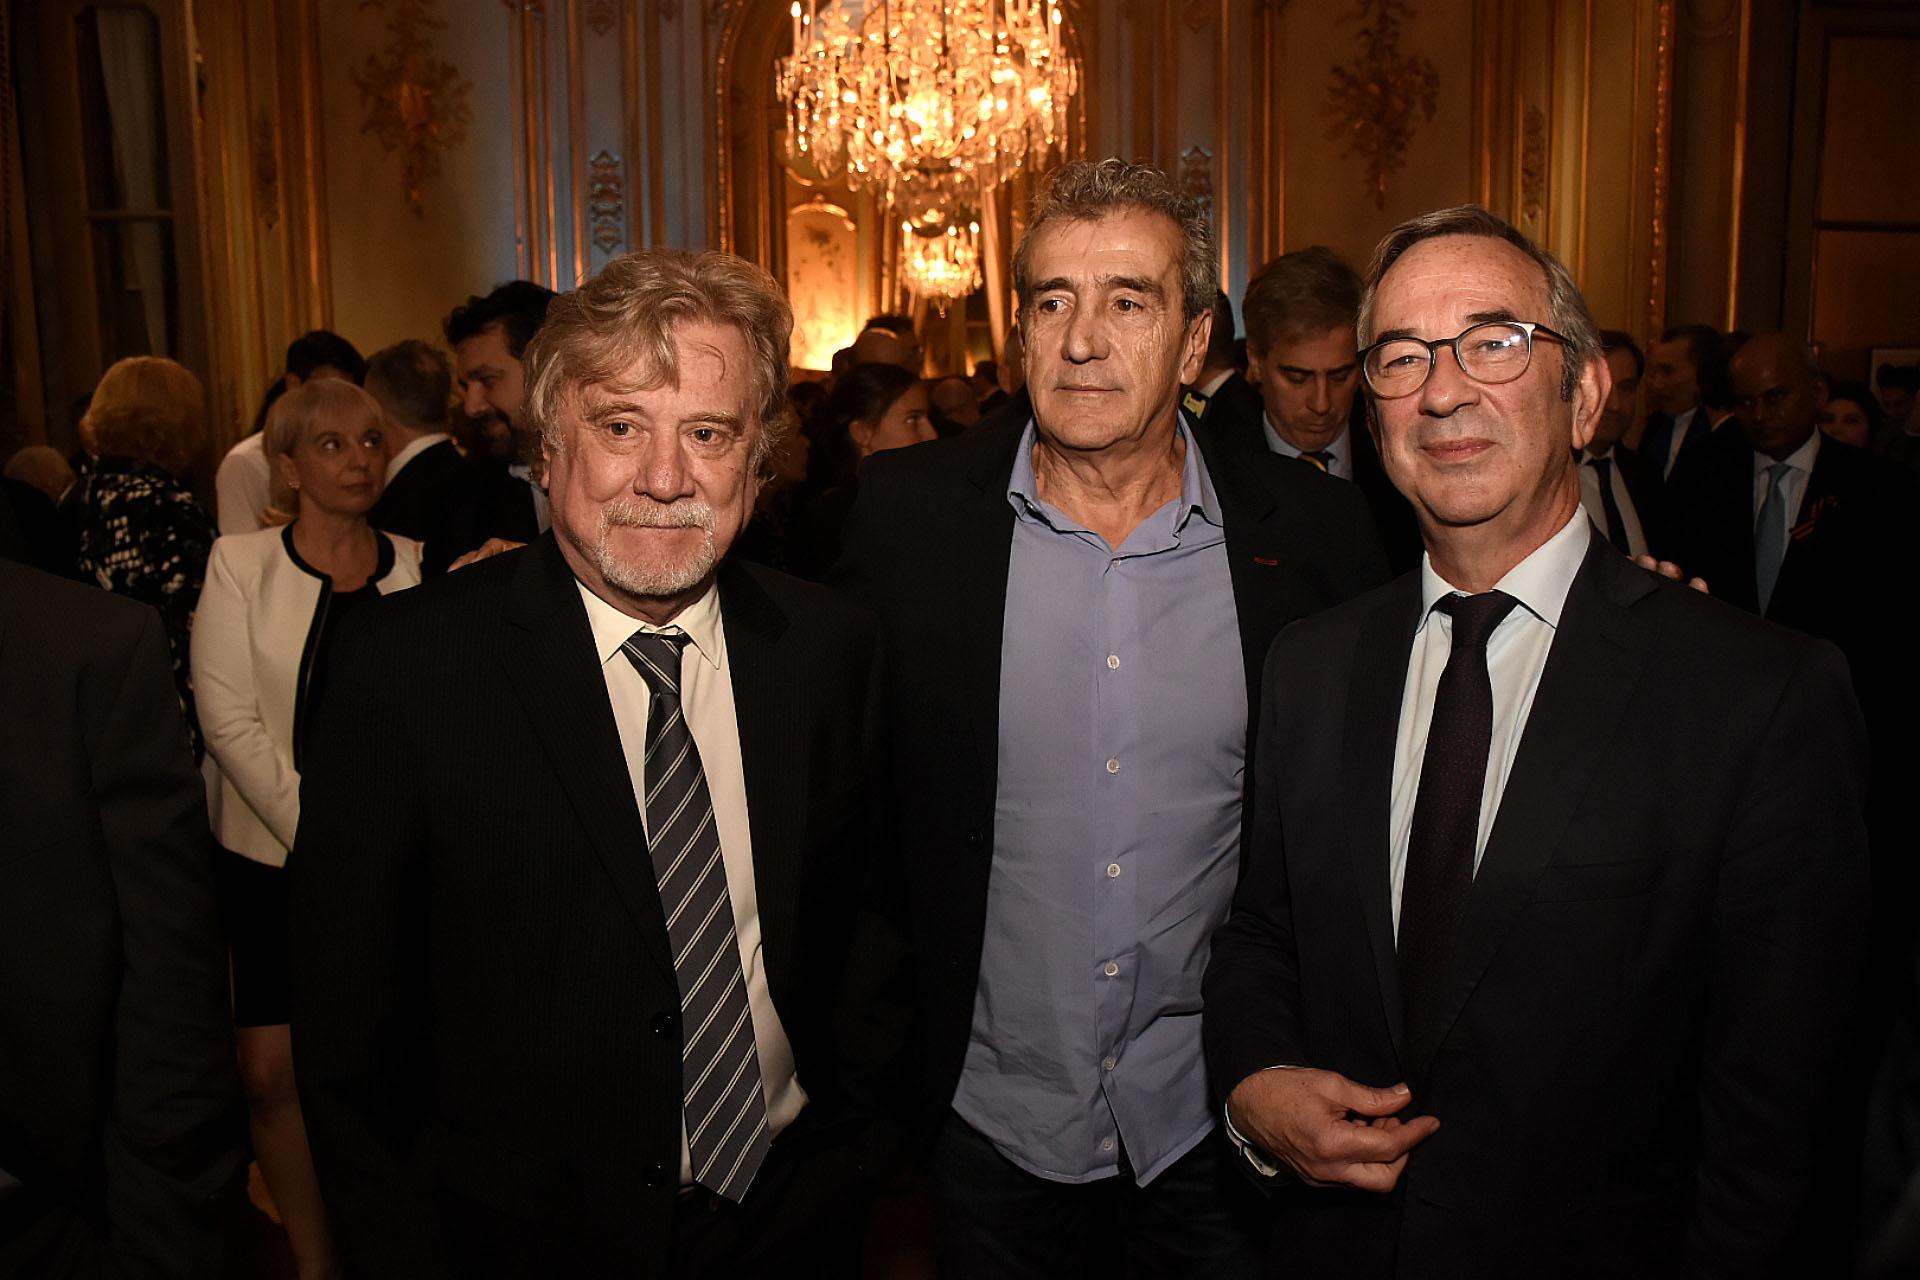 Ricardo Kirschbaum y Ricardo Roa (Clarín) junto al secretario de Medios, Jorge Sigal